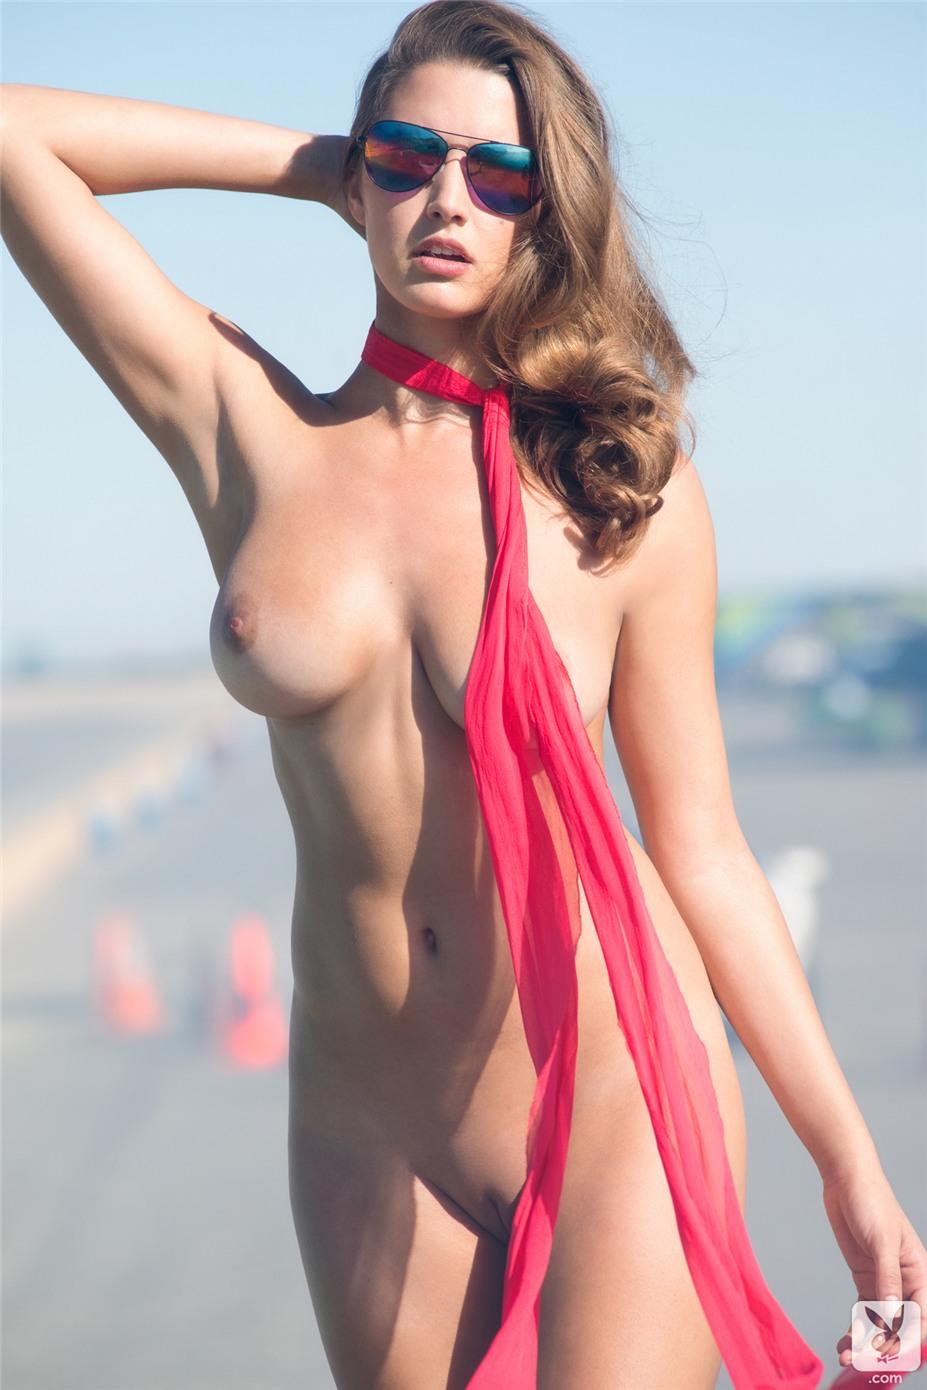 Девушка месяца, Мисс июль Алисса Арс / Alyssa Arce - Playboy USA July-August 2013